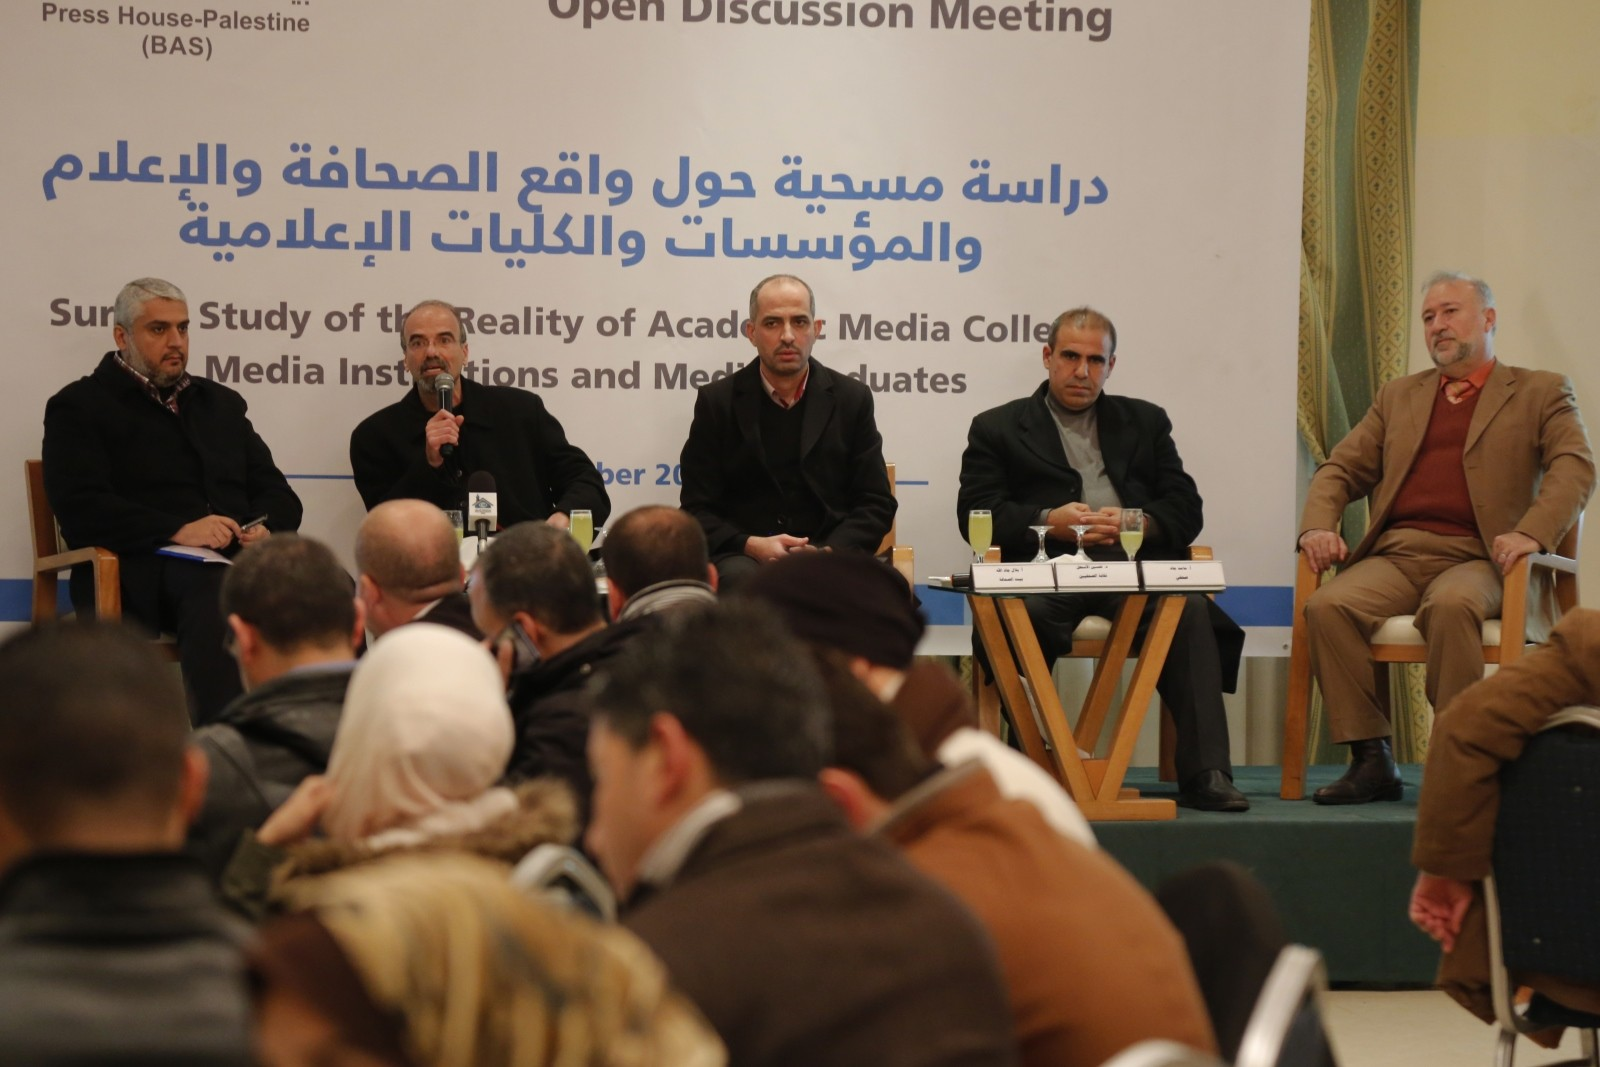 بيت الصحافة يعقد لقاءً لعرض ومناقشة دراسة مسحية حول واقع الصحافة والإعلام في غزة